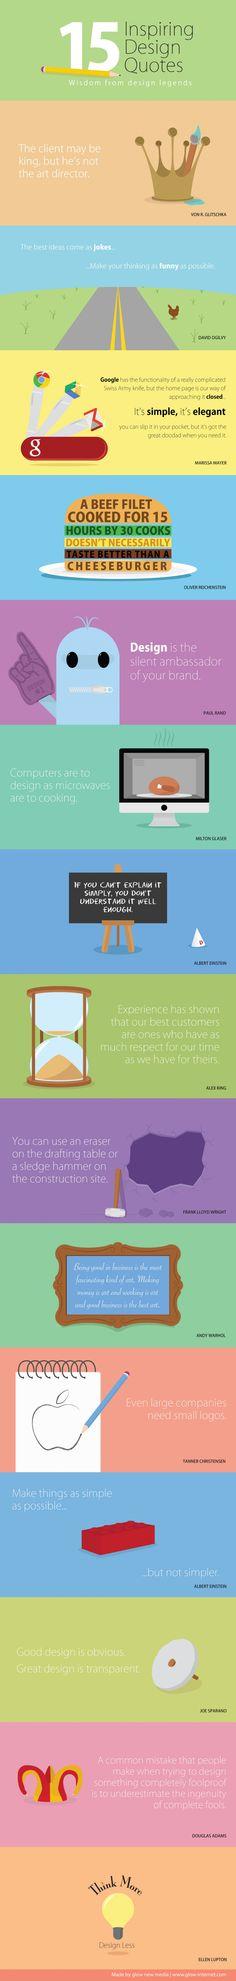 15 Inspiring Design Quotes Infographic